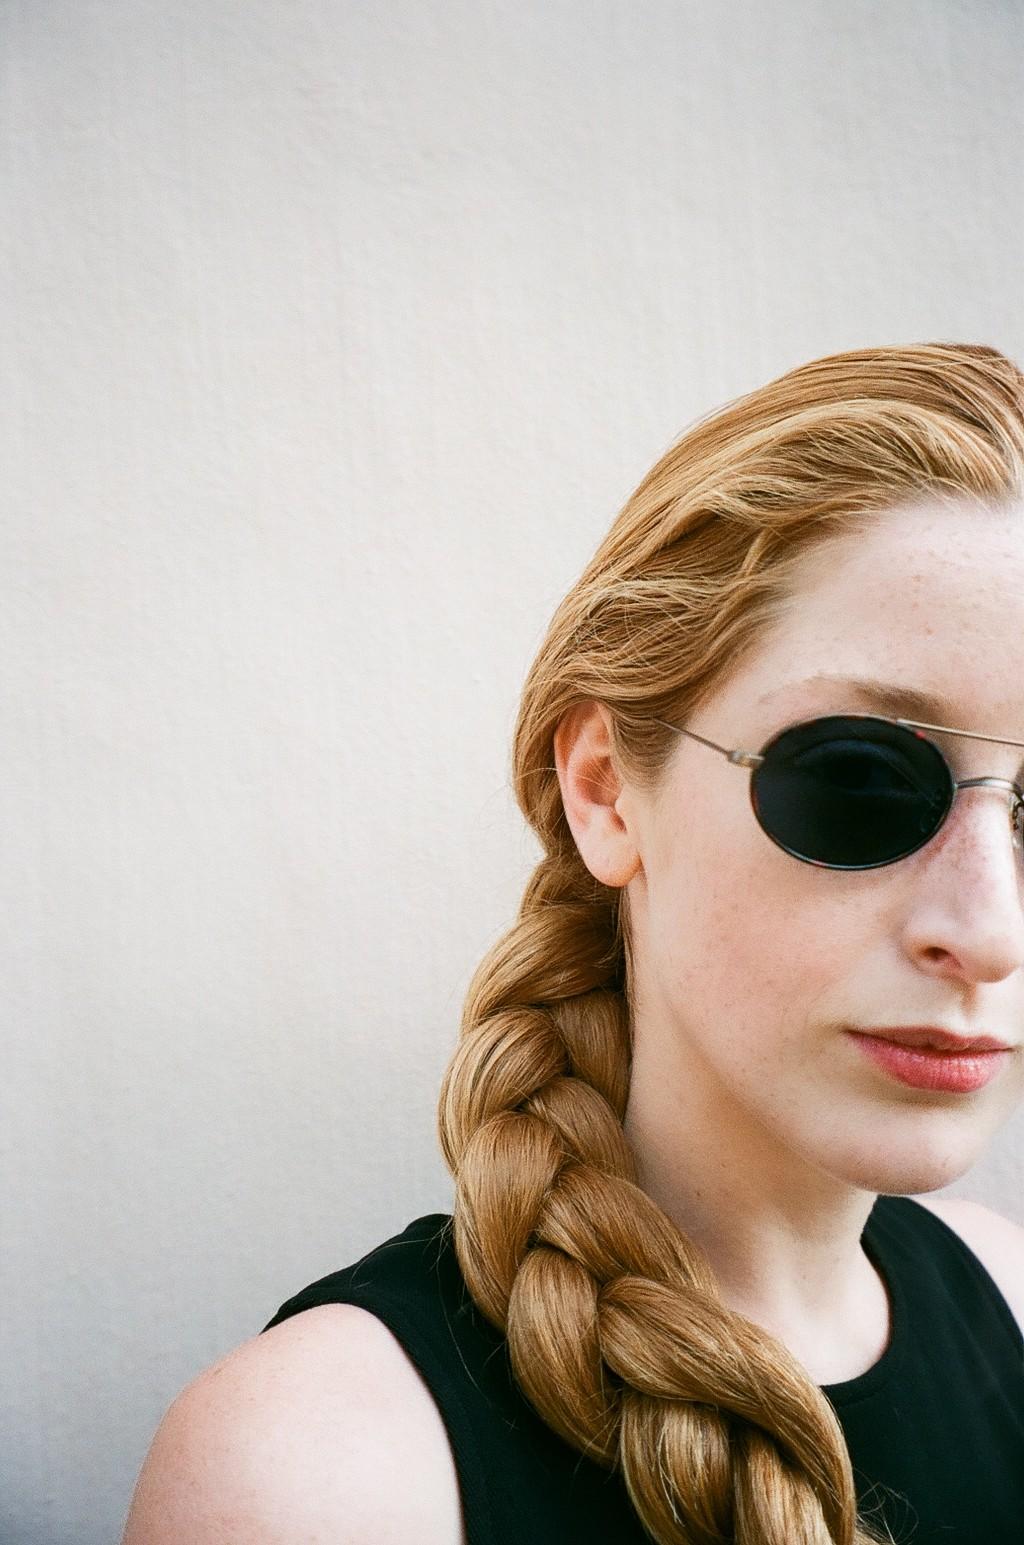 STELLA VON SENGER – HAIR & MAKE-UP ARTIST Oliver Peoples x Stella von Senger Campaign